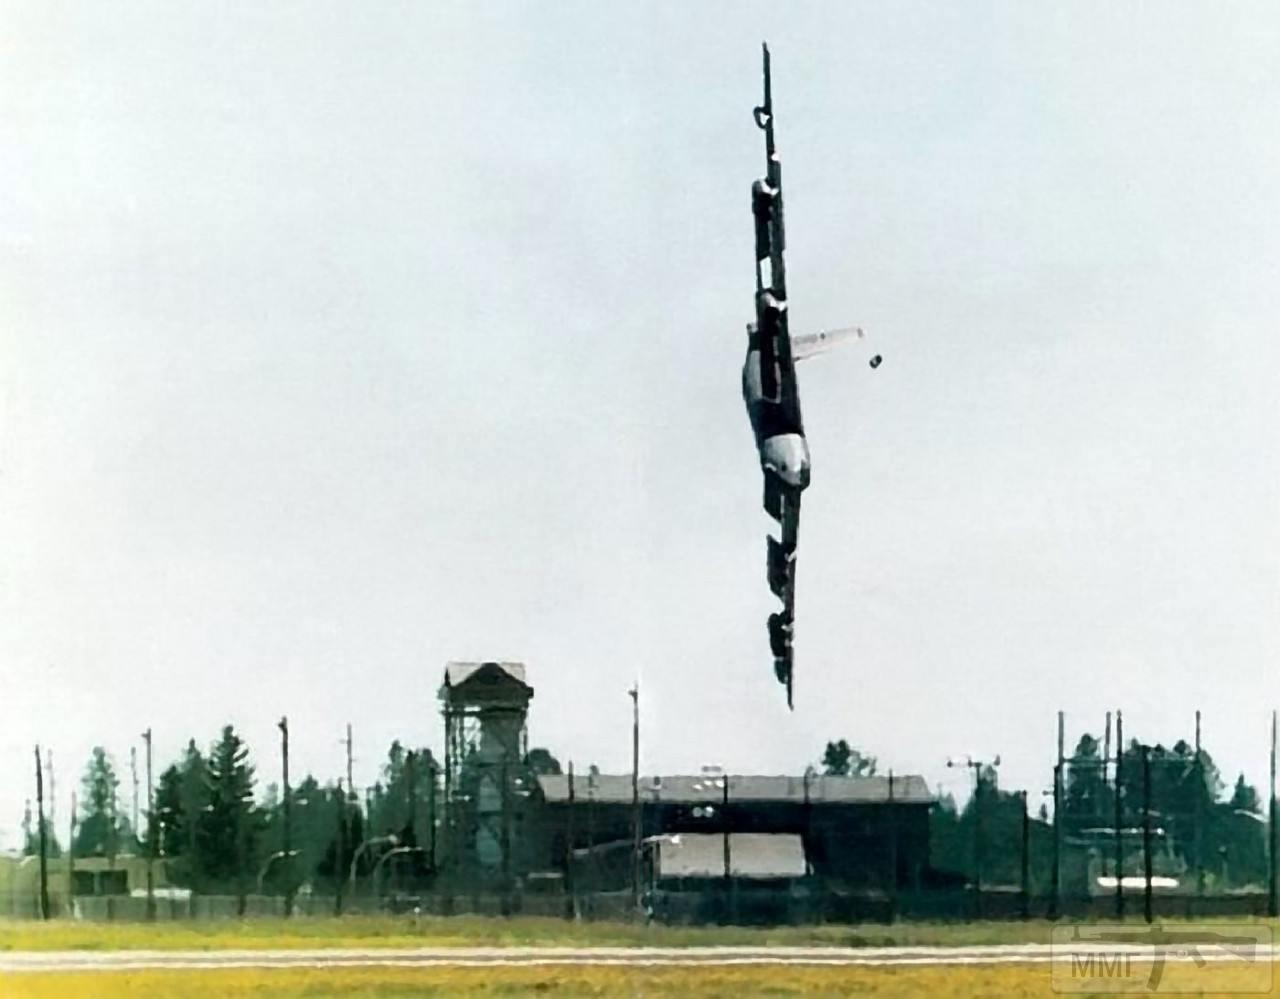 112331 - Красивые фото и видео боевых самолетов и вертолетов